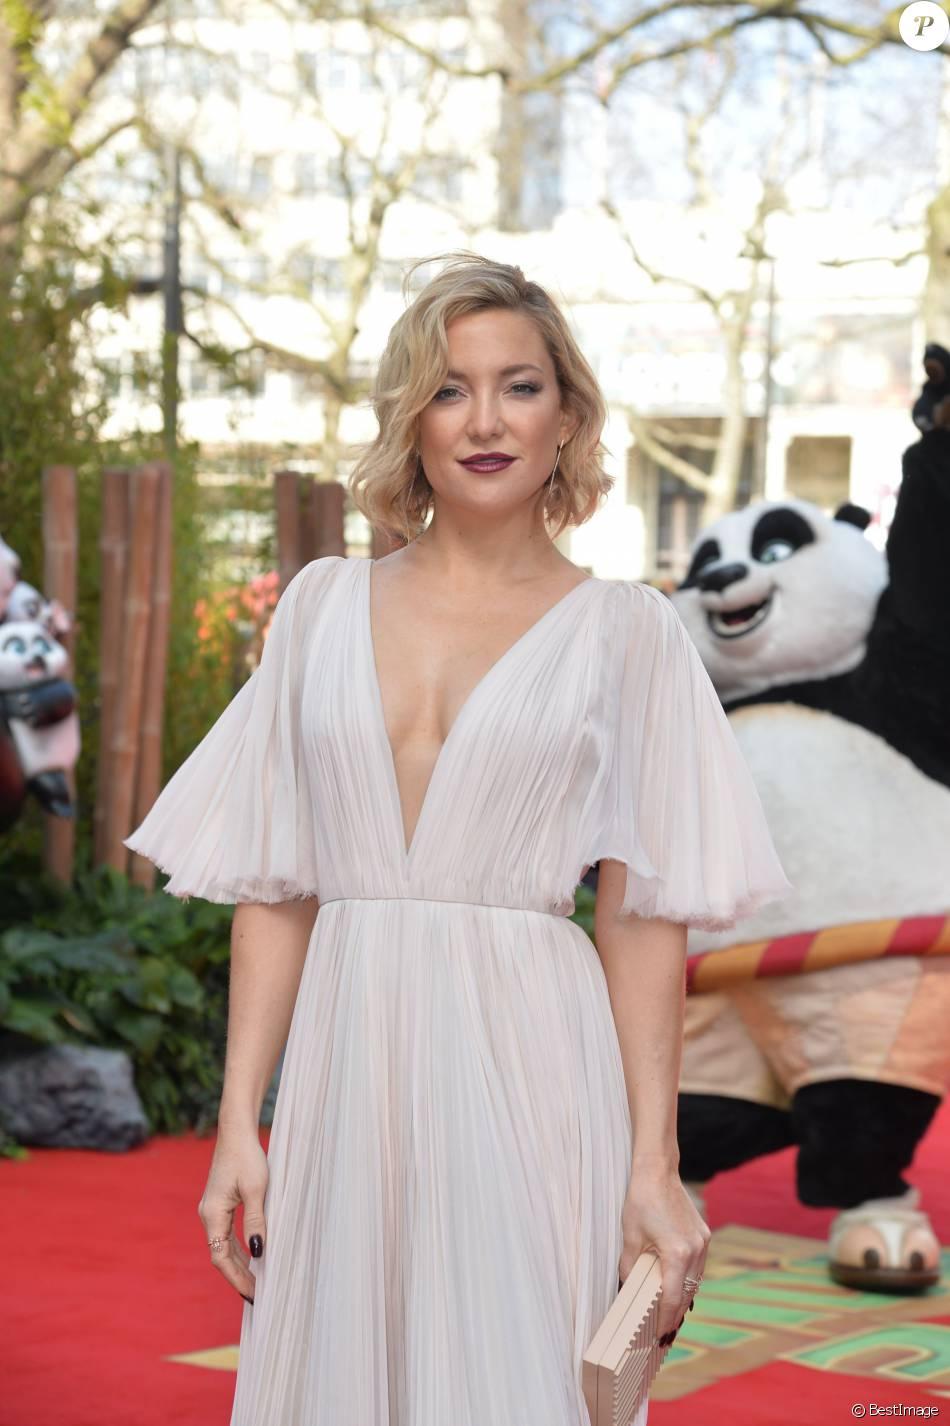 Kate Hudson (robe J Mendel) décolletée lors de la première de Kung Fu Panda 3 à Londres le 6 Mars 2016.